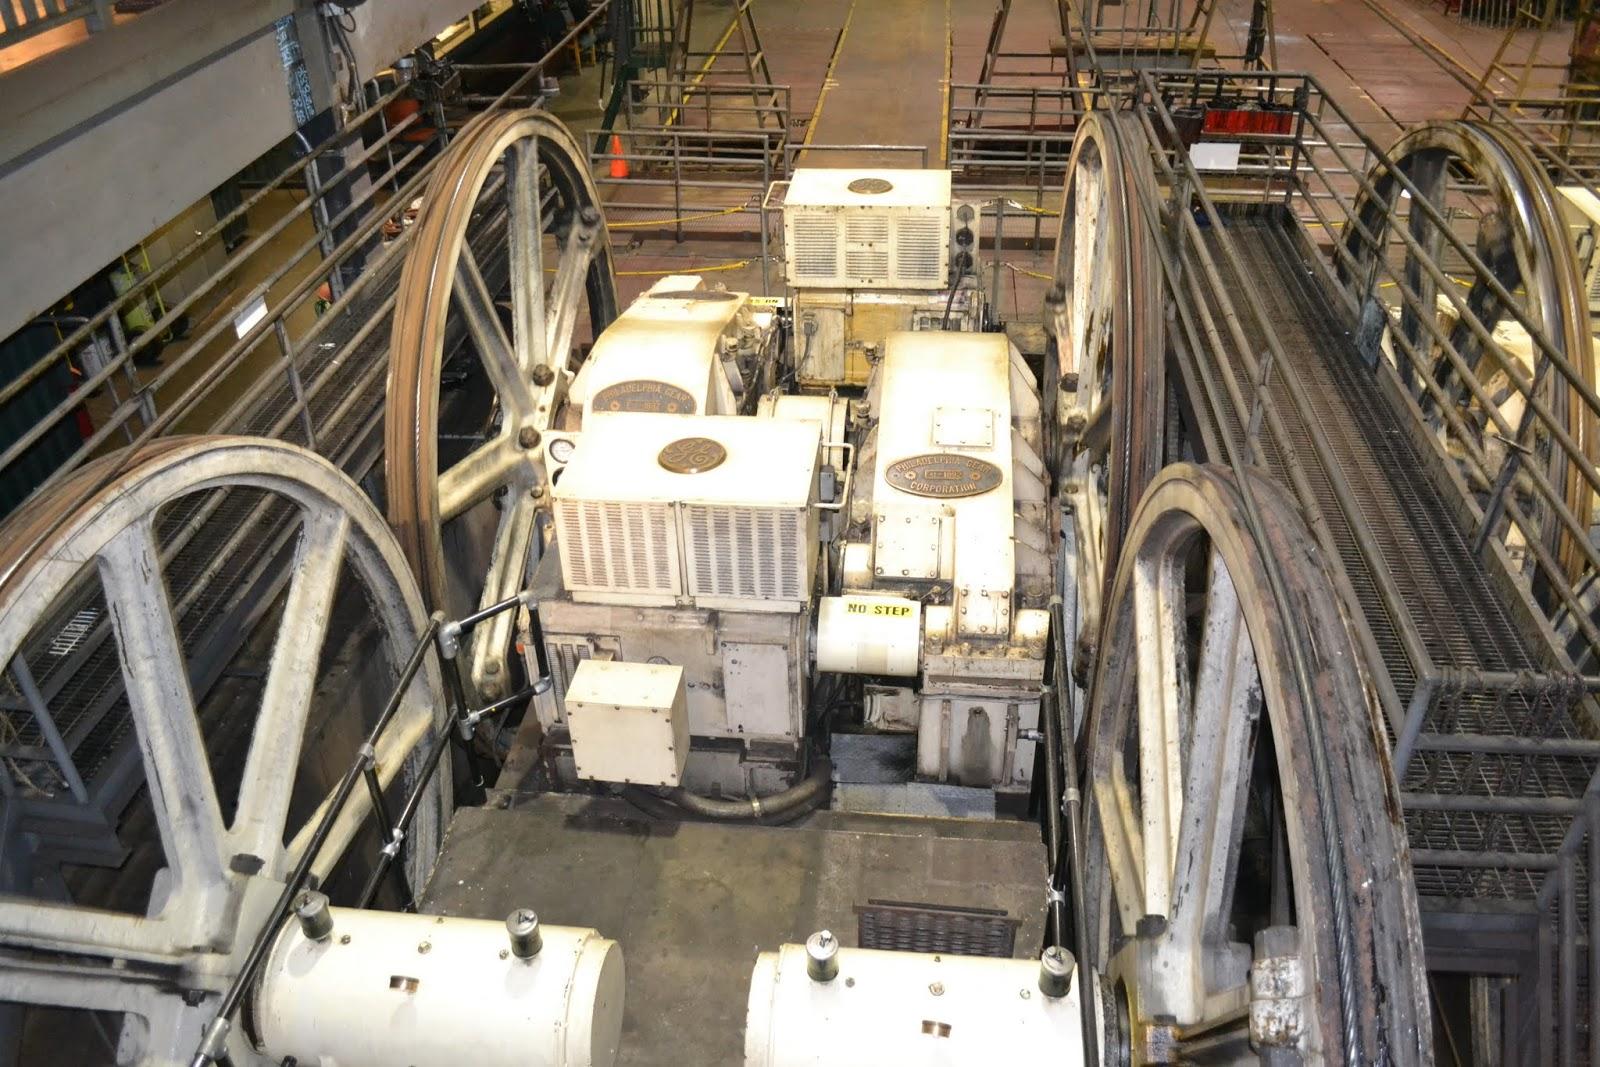 Музей Канатных Трамваев, Сан-Франциско, Калифорния. (Cable Car Museum, San Francisco, CA)